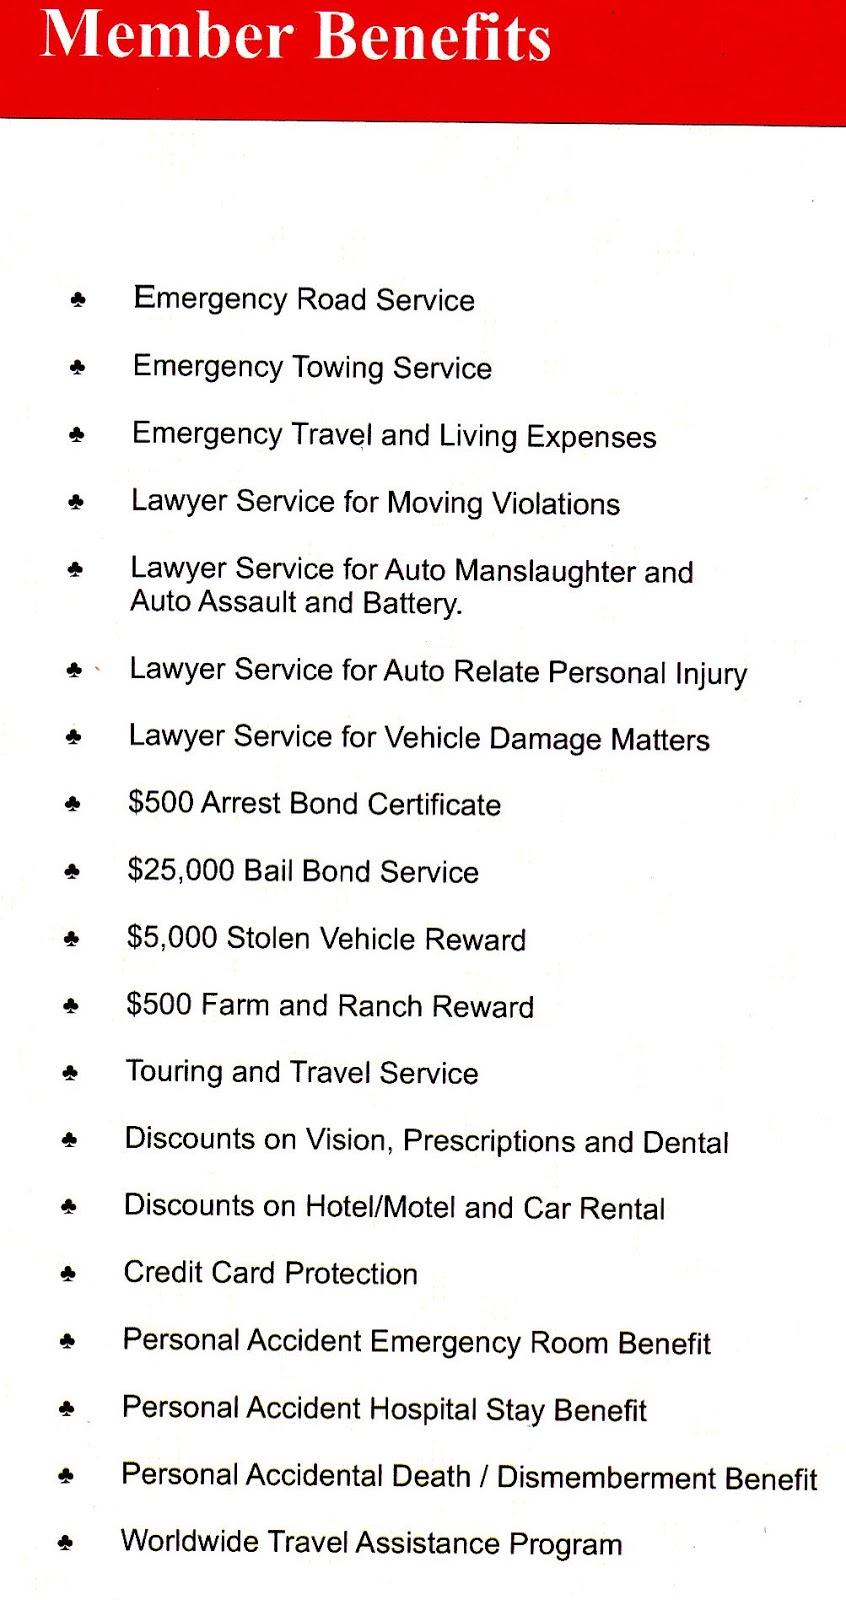 Casino membership benefits